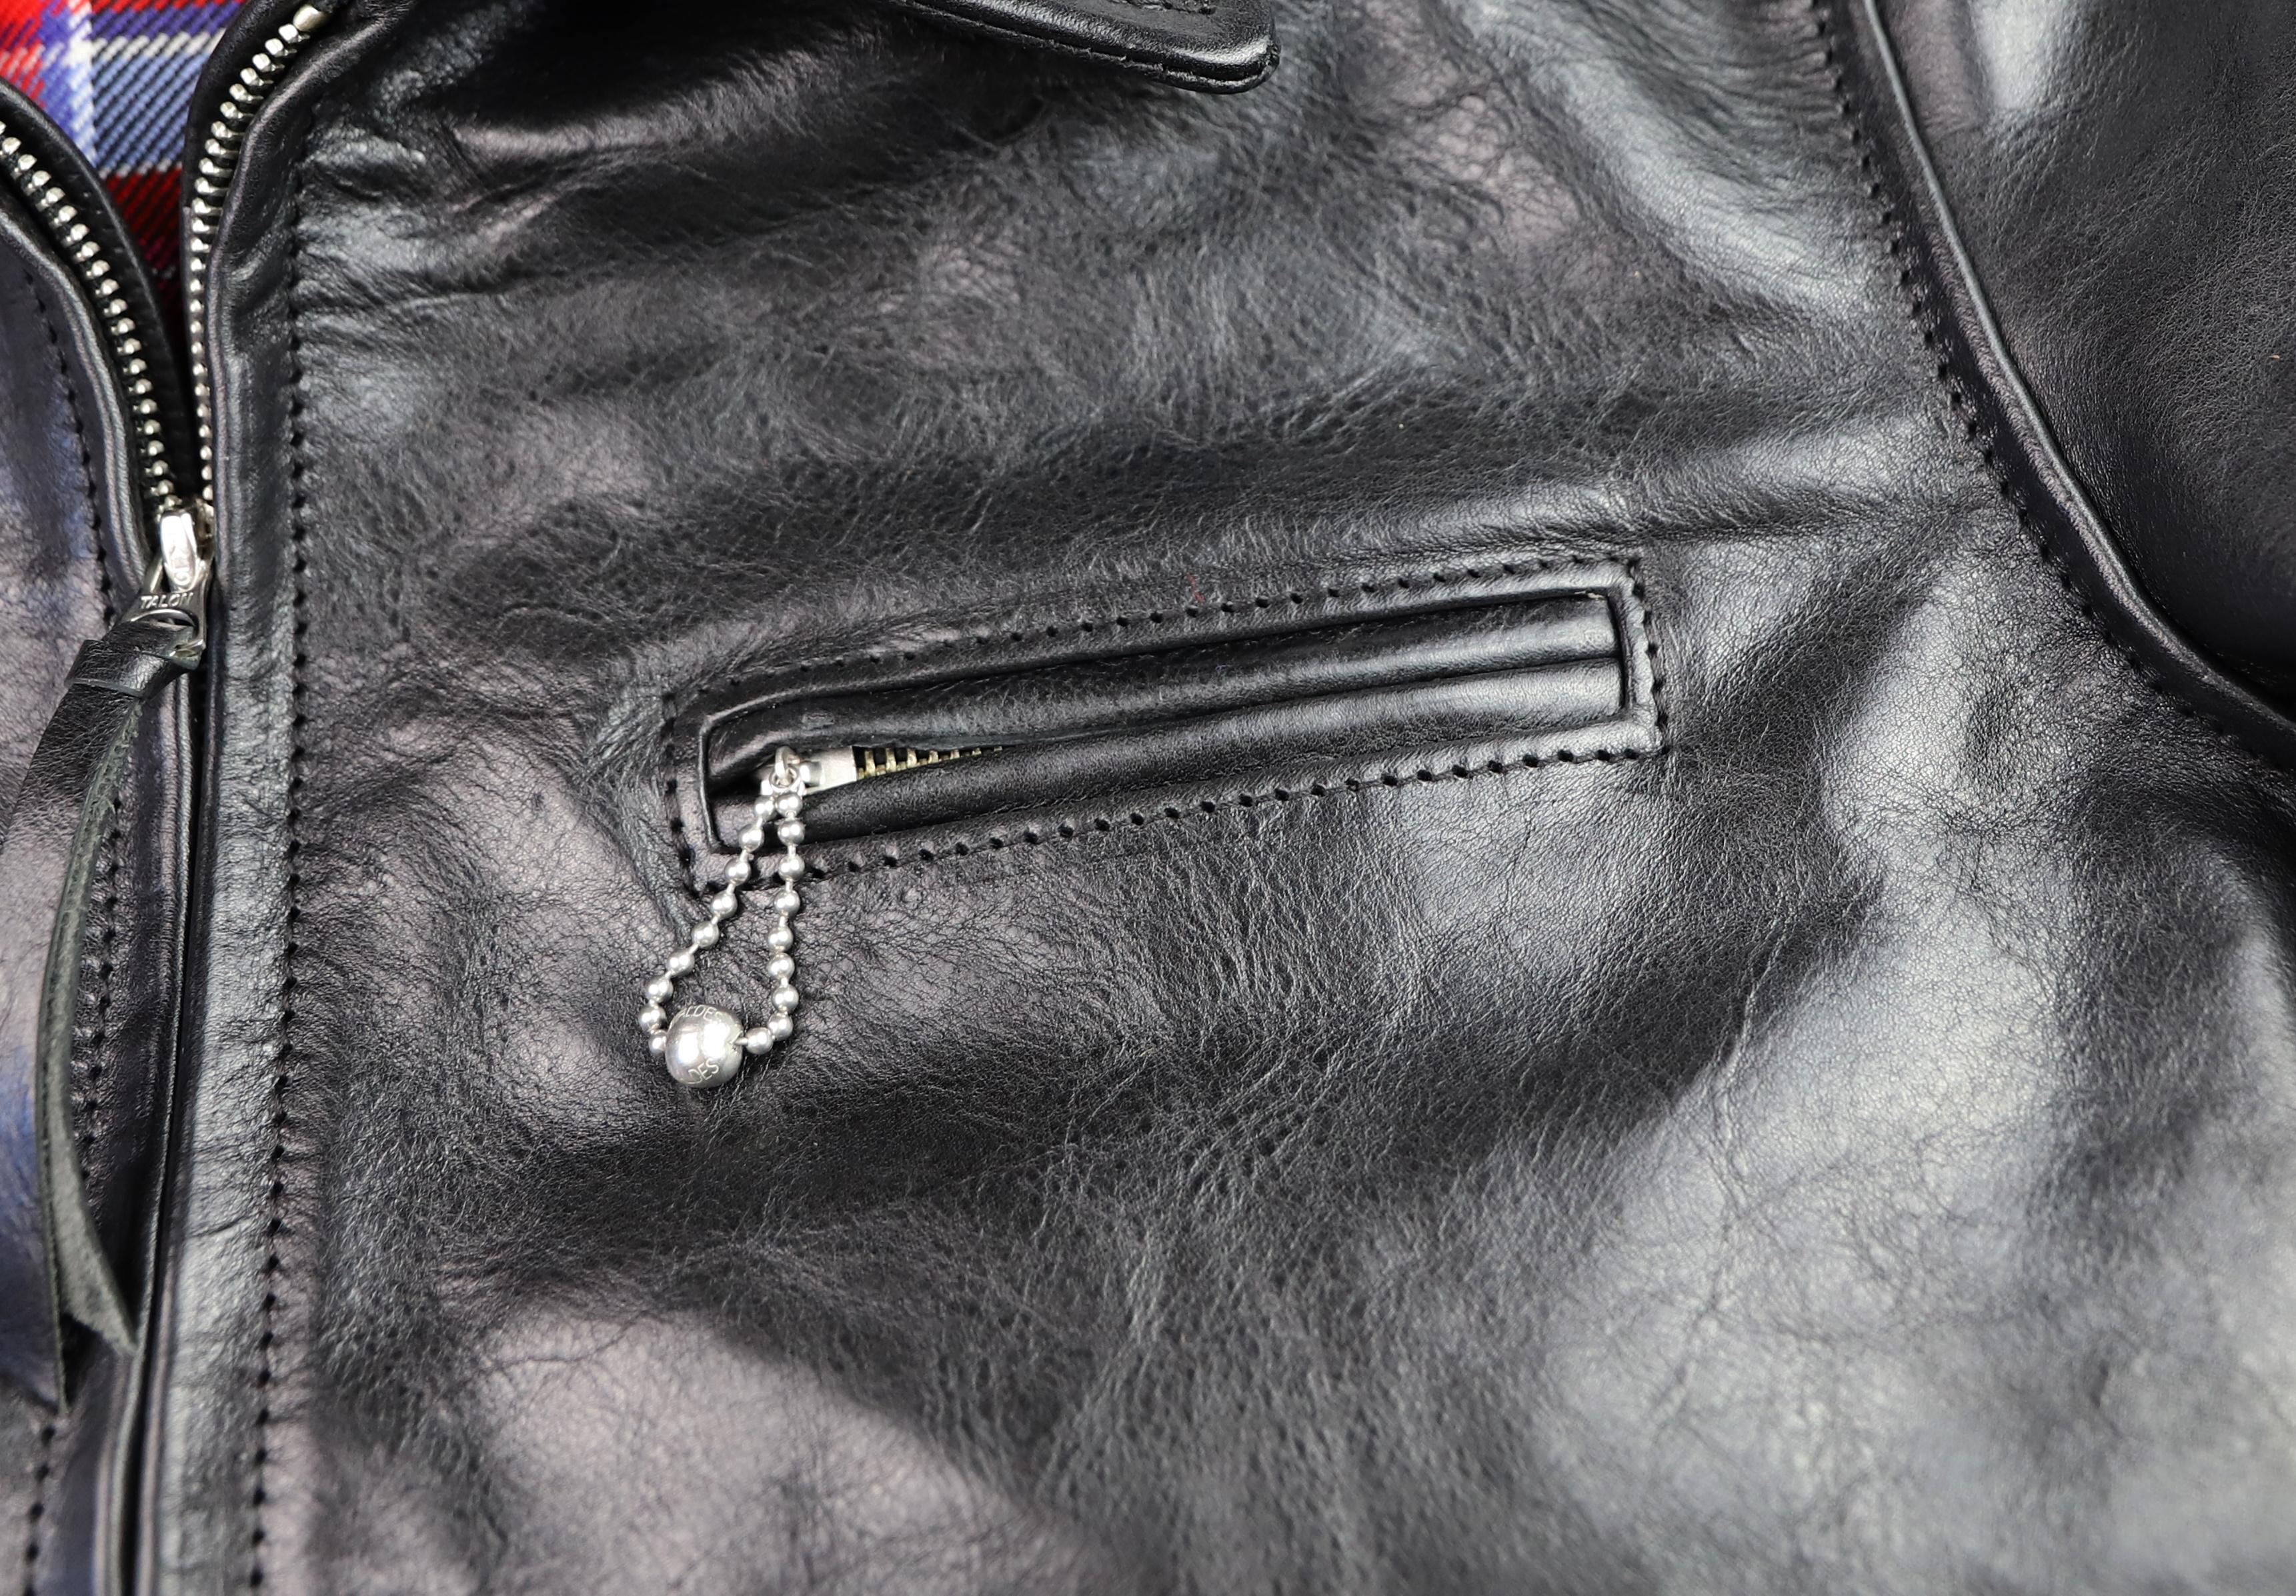 Aero Premier Highwayman Black Badalassi Cowhide BG49 chest pocket.jpg